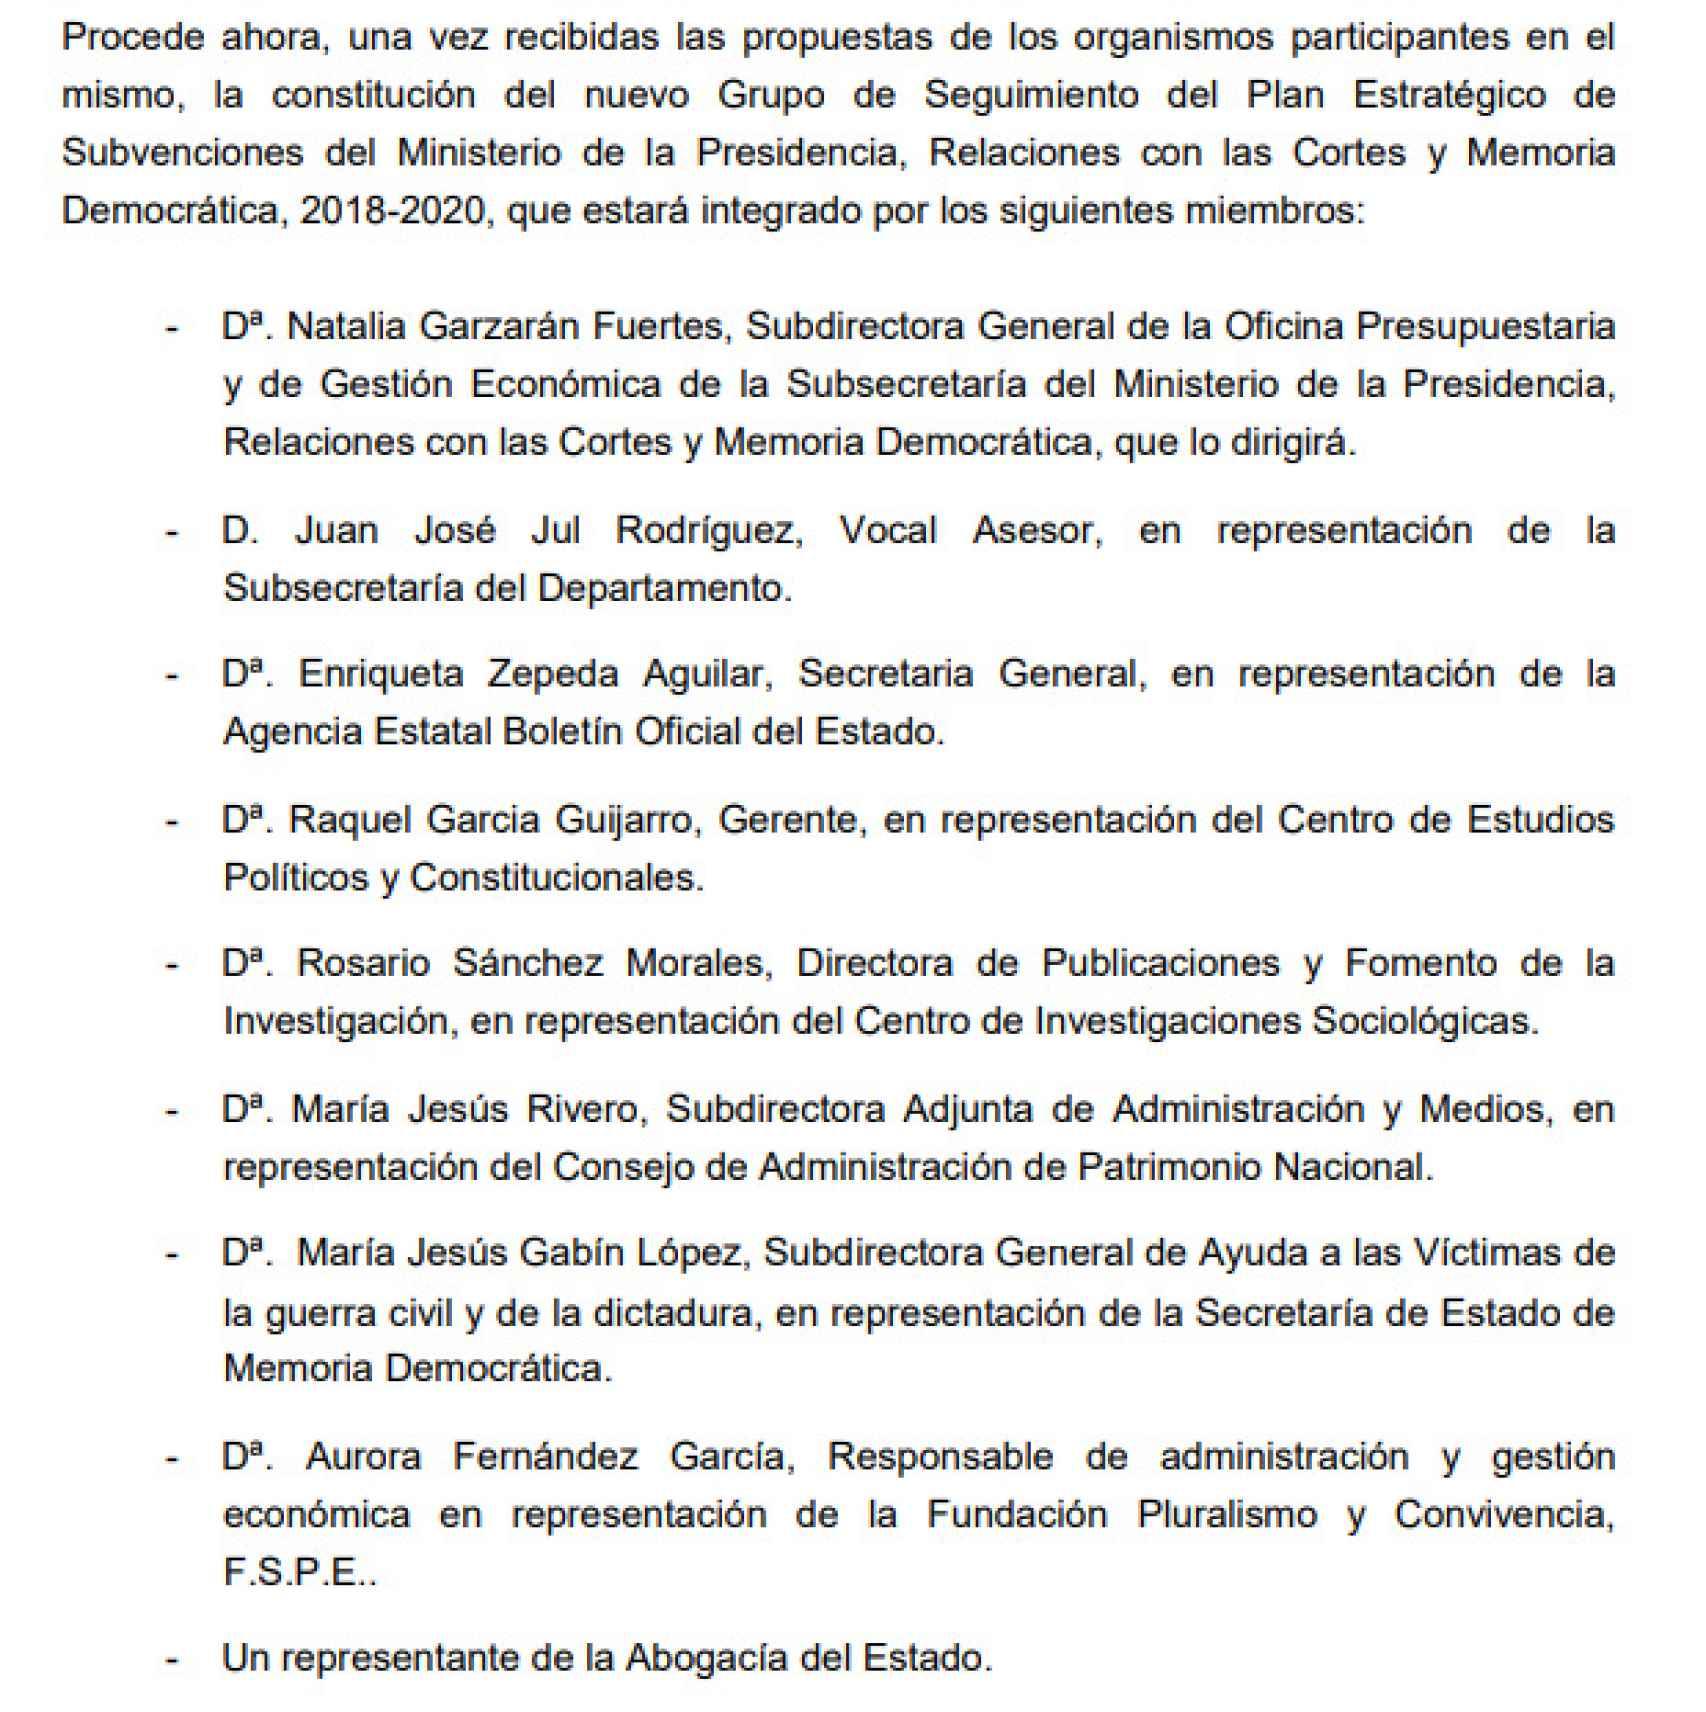 Composición del Grupo de Seguimiento del Plan Estratégico de Subvenciones del Ministerio de la Presidencia.